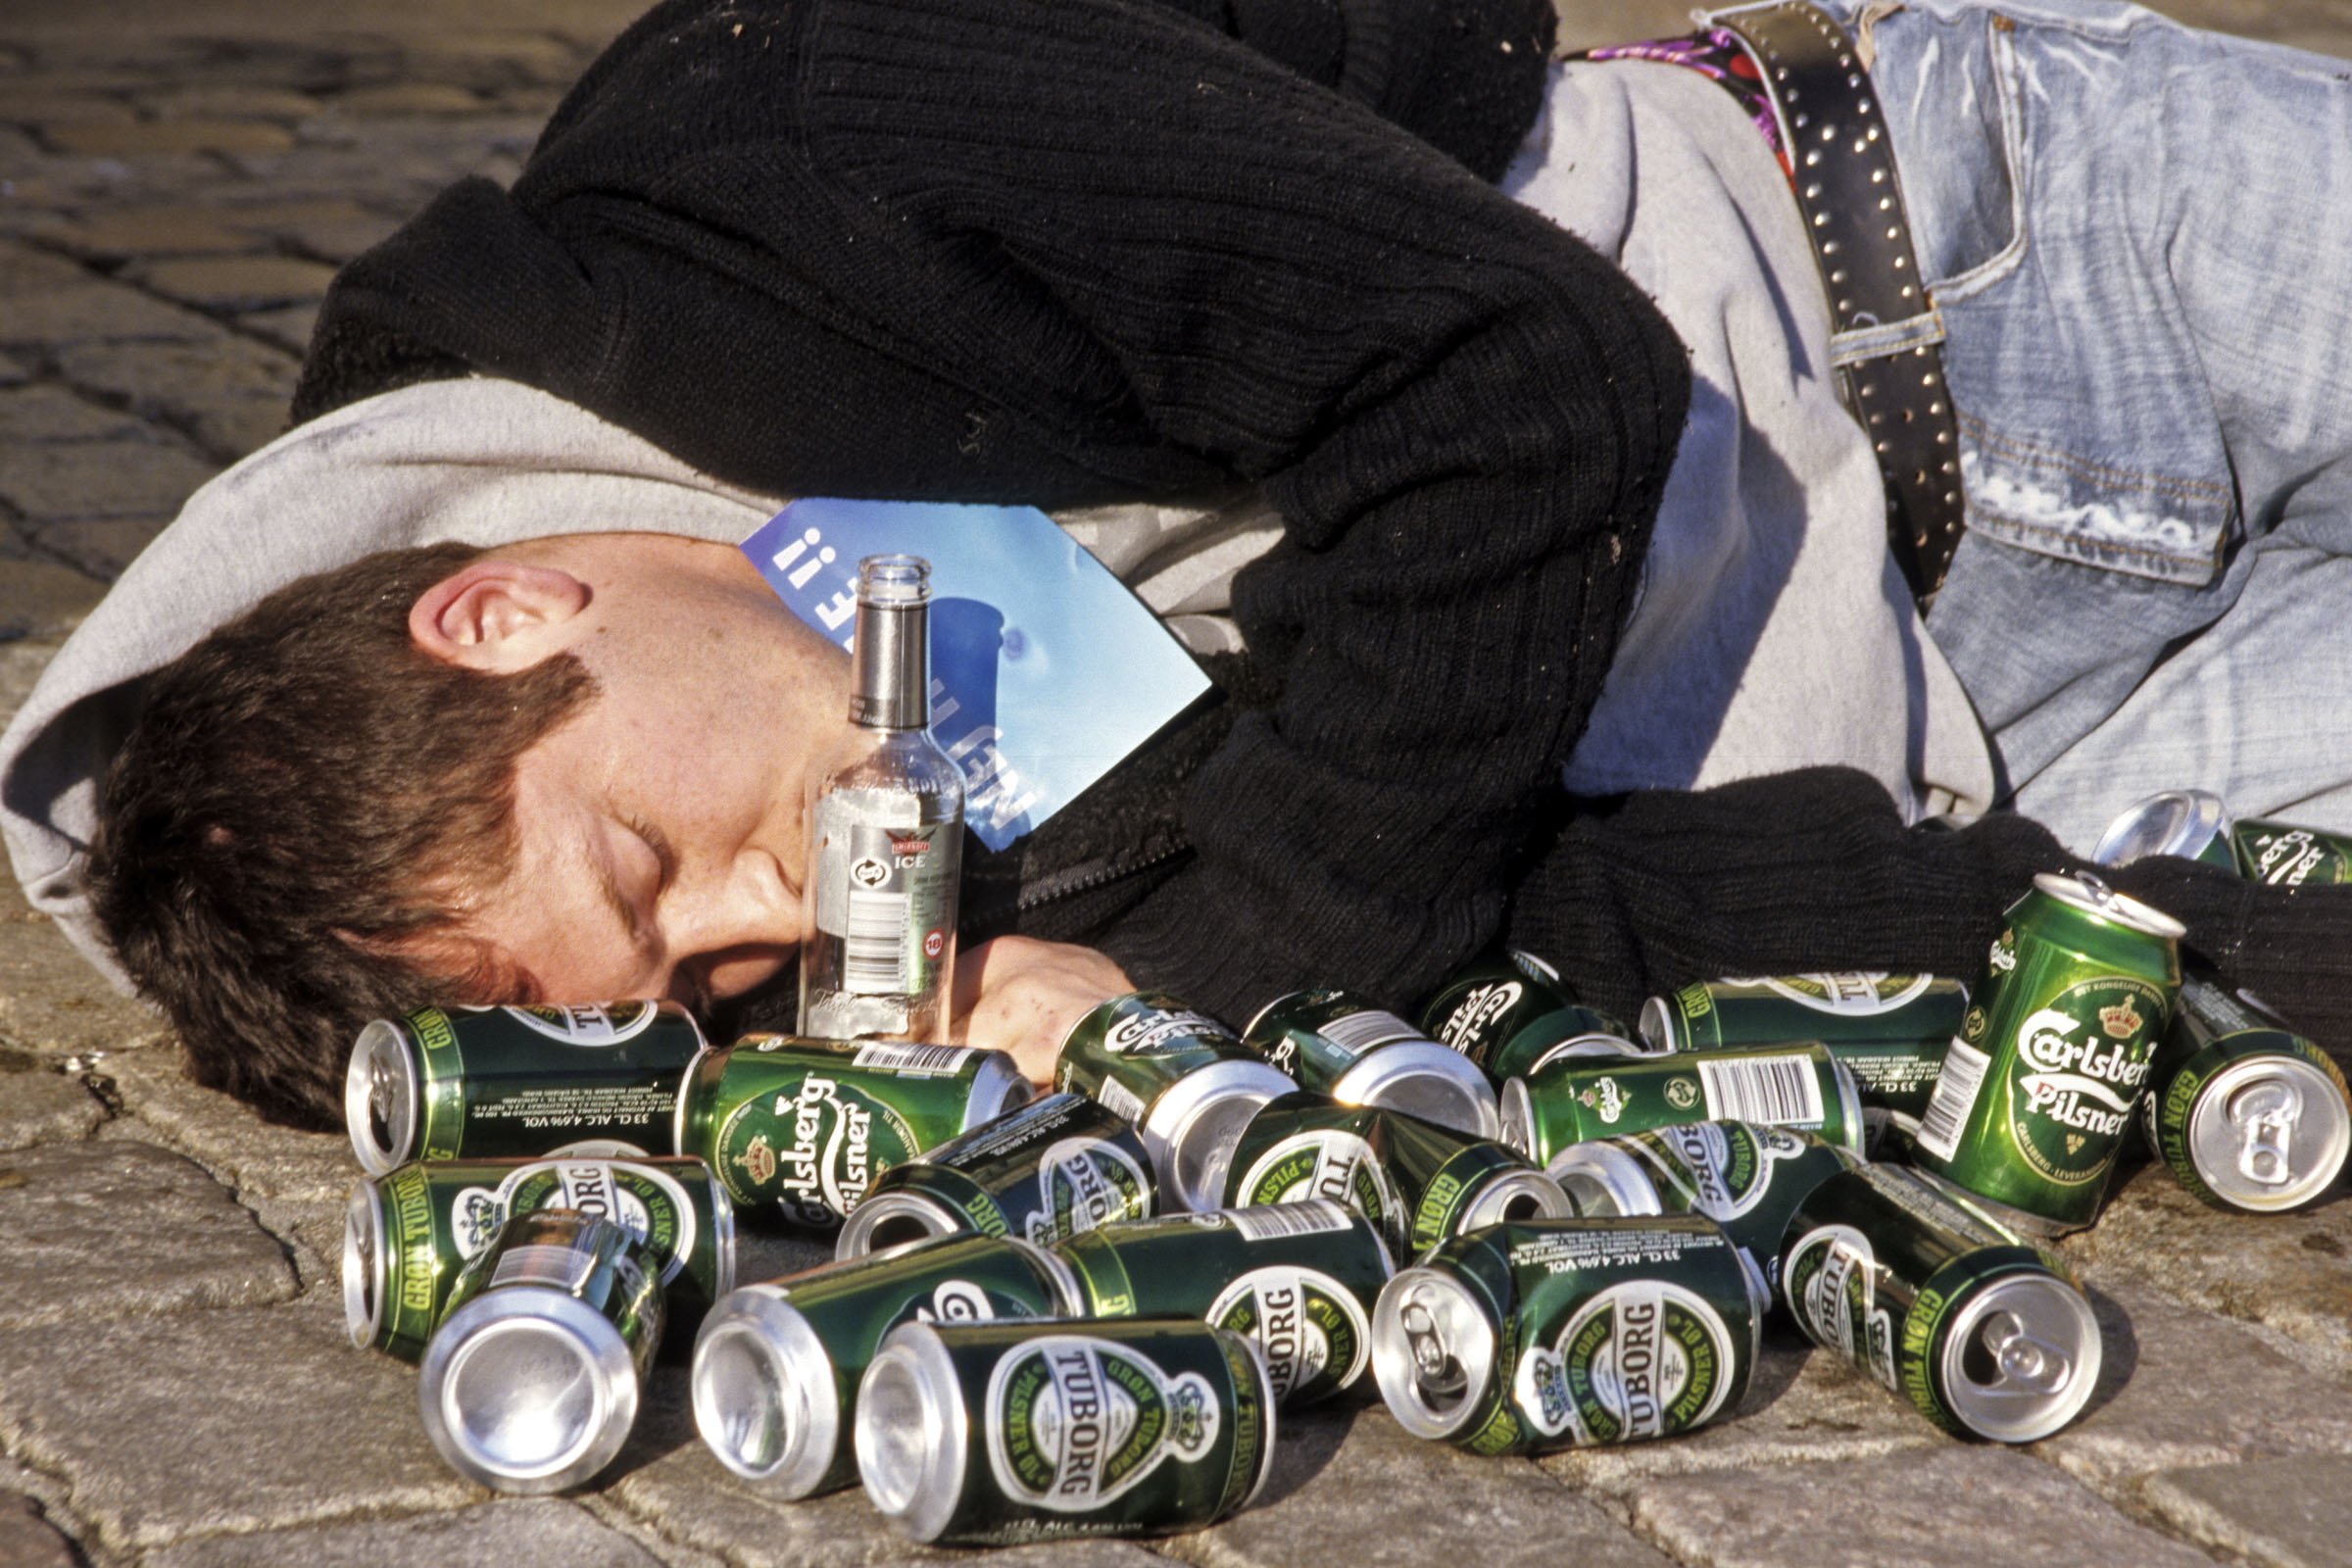 Lehet-e fogyni alkohol mellett?